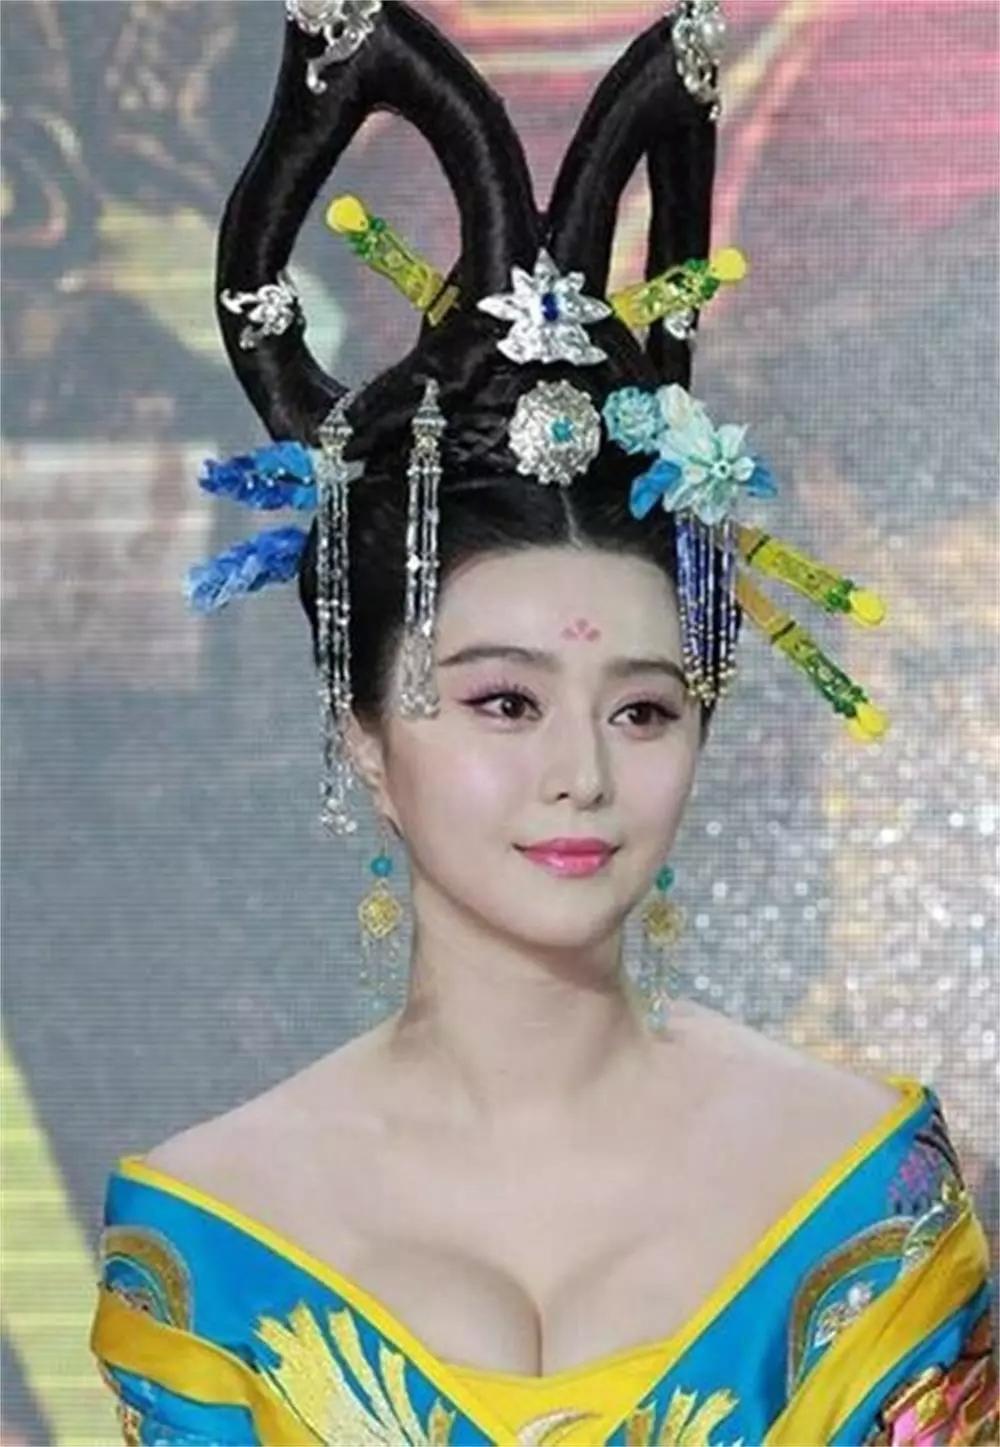 美丽才人武媚娘,李世民不爱,而李治着迷,看复原图长相原来如此